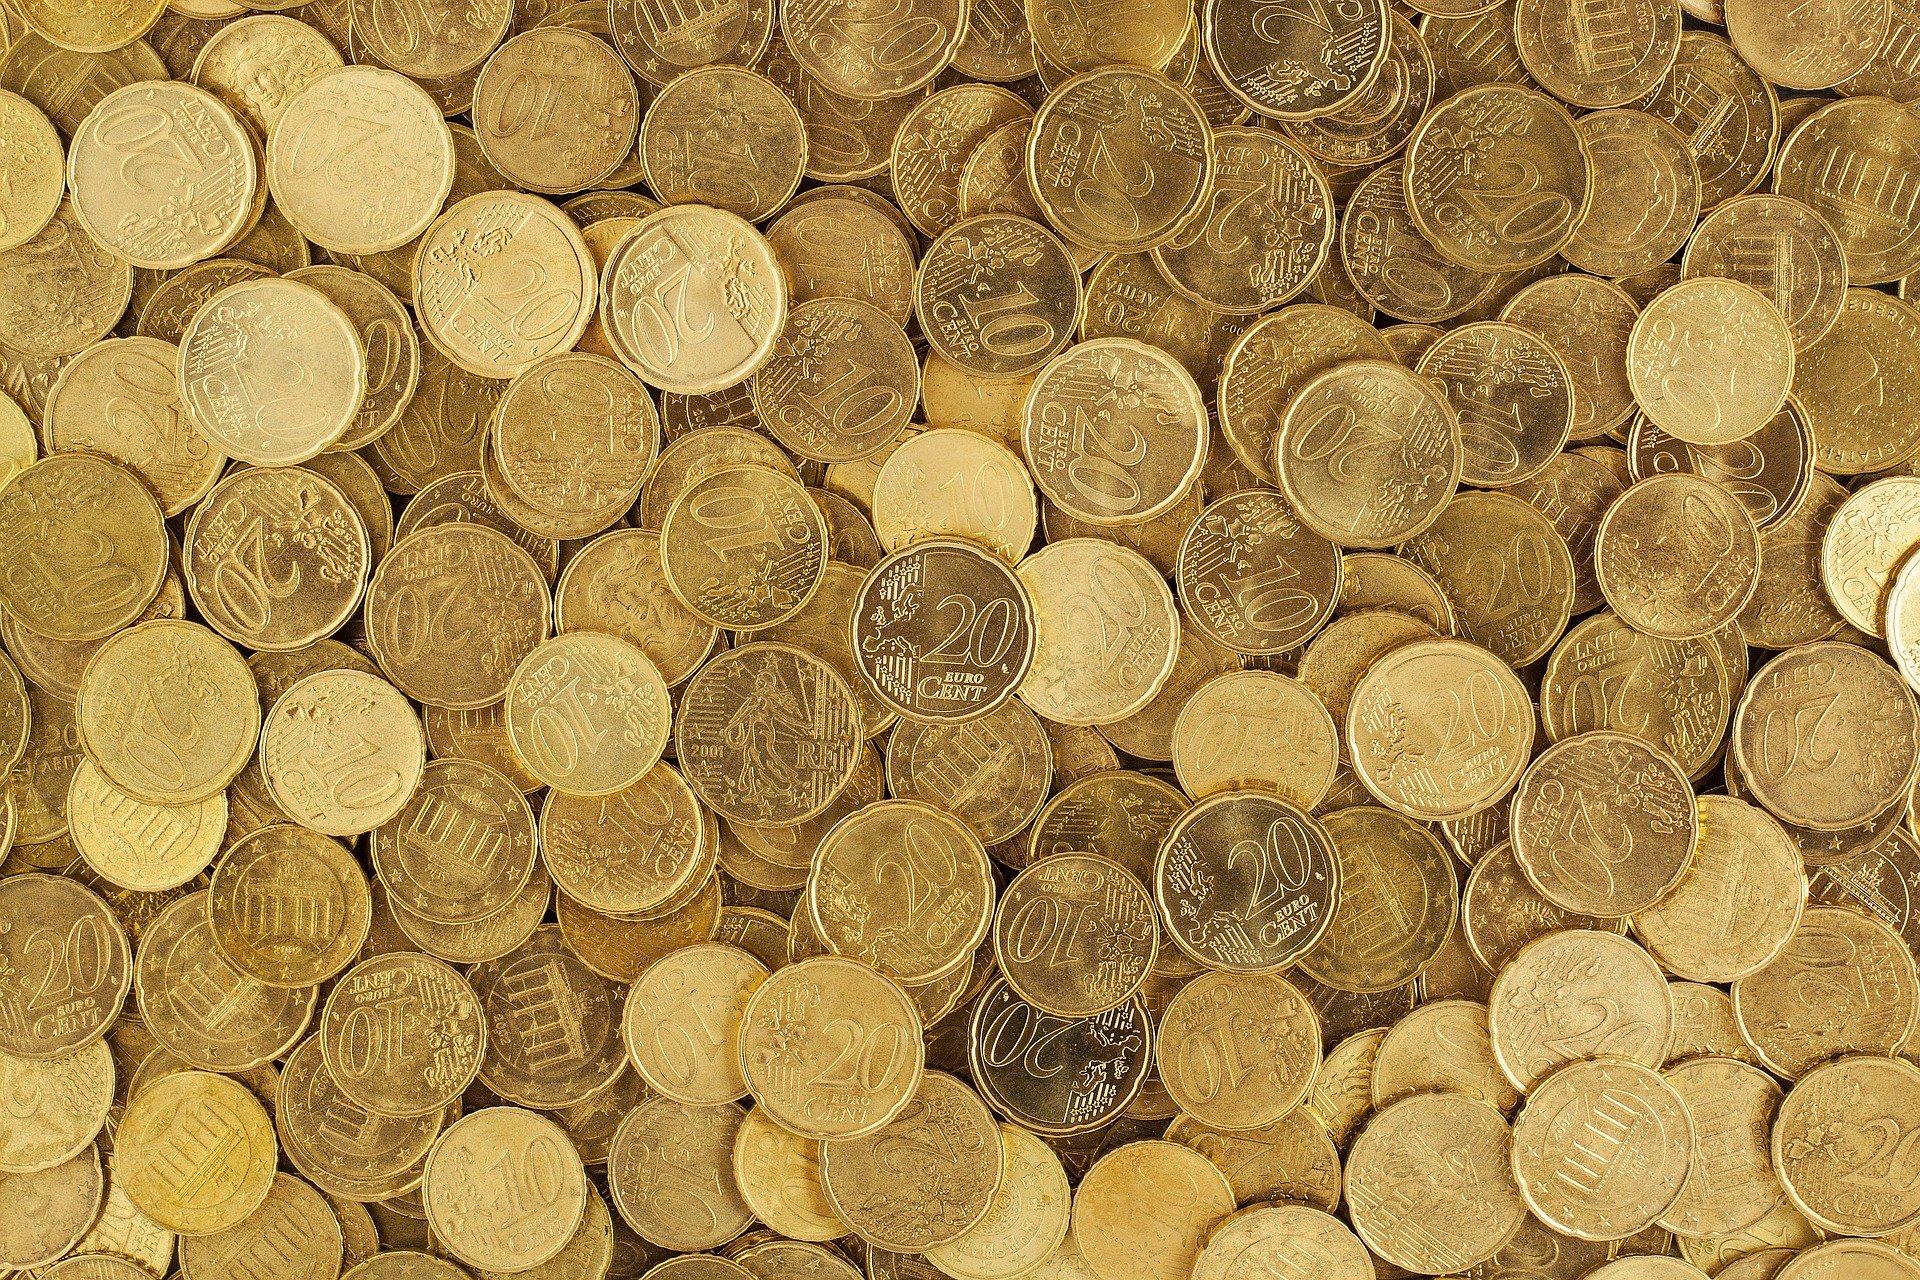 Afbeelding van munten